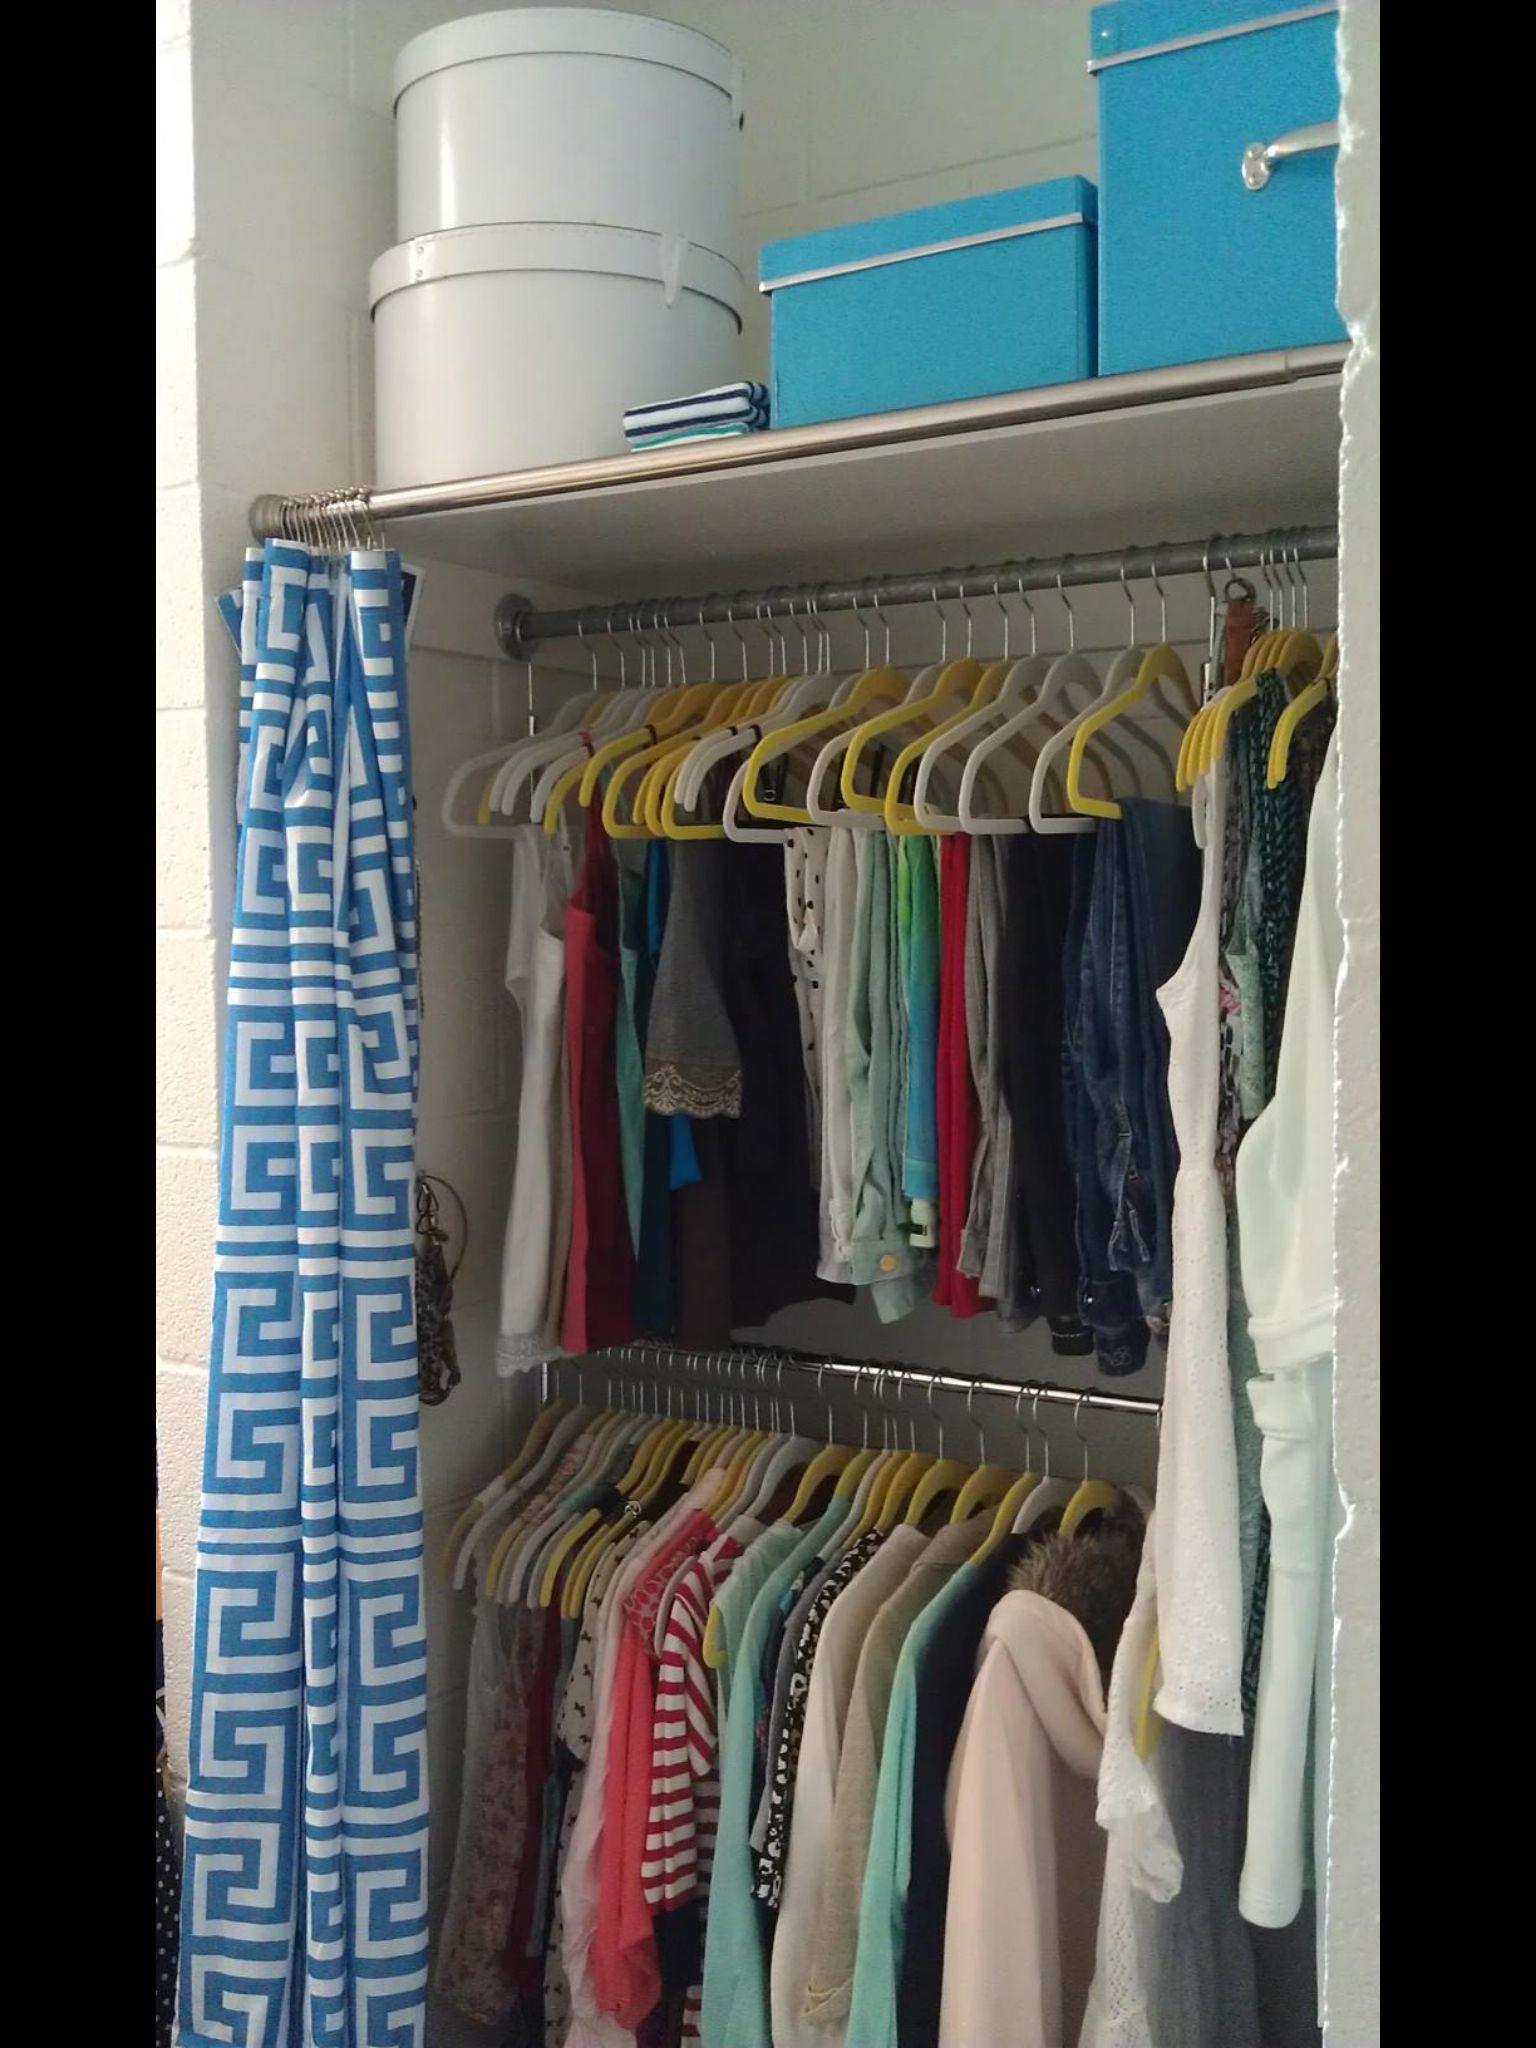 Dorm Closet Small But Lots Can Fit Dorm Decoration